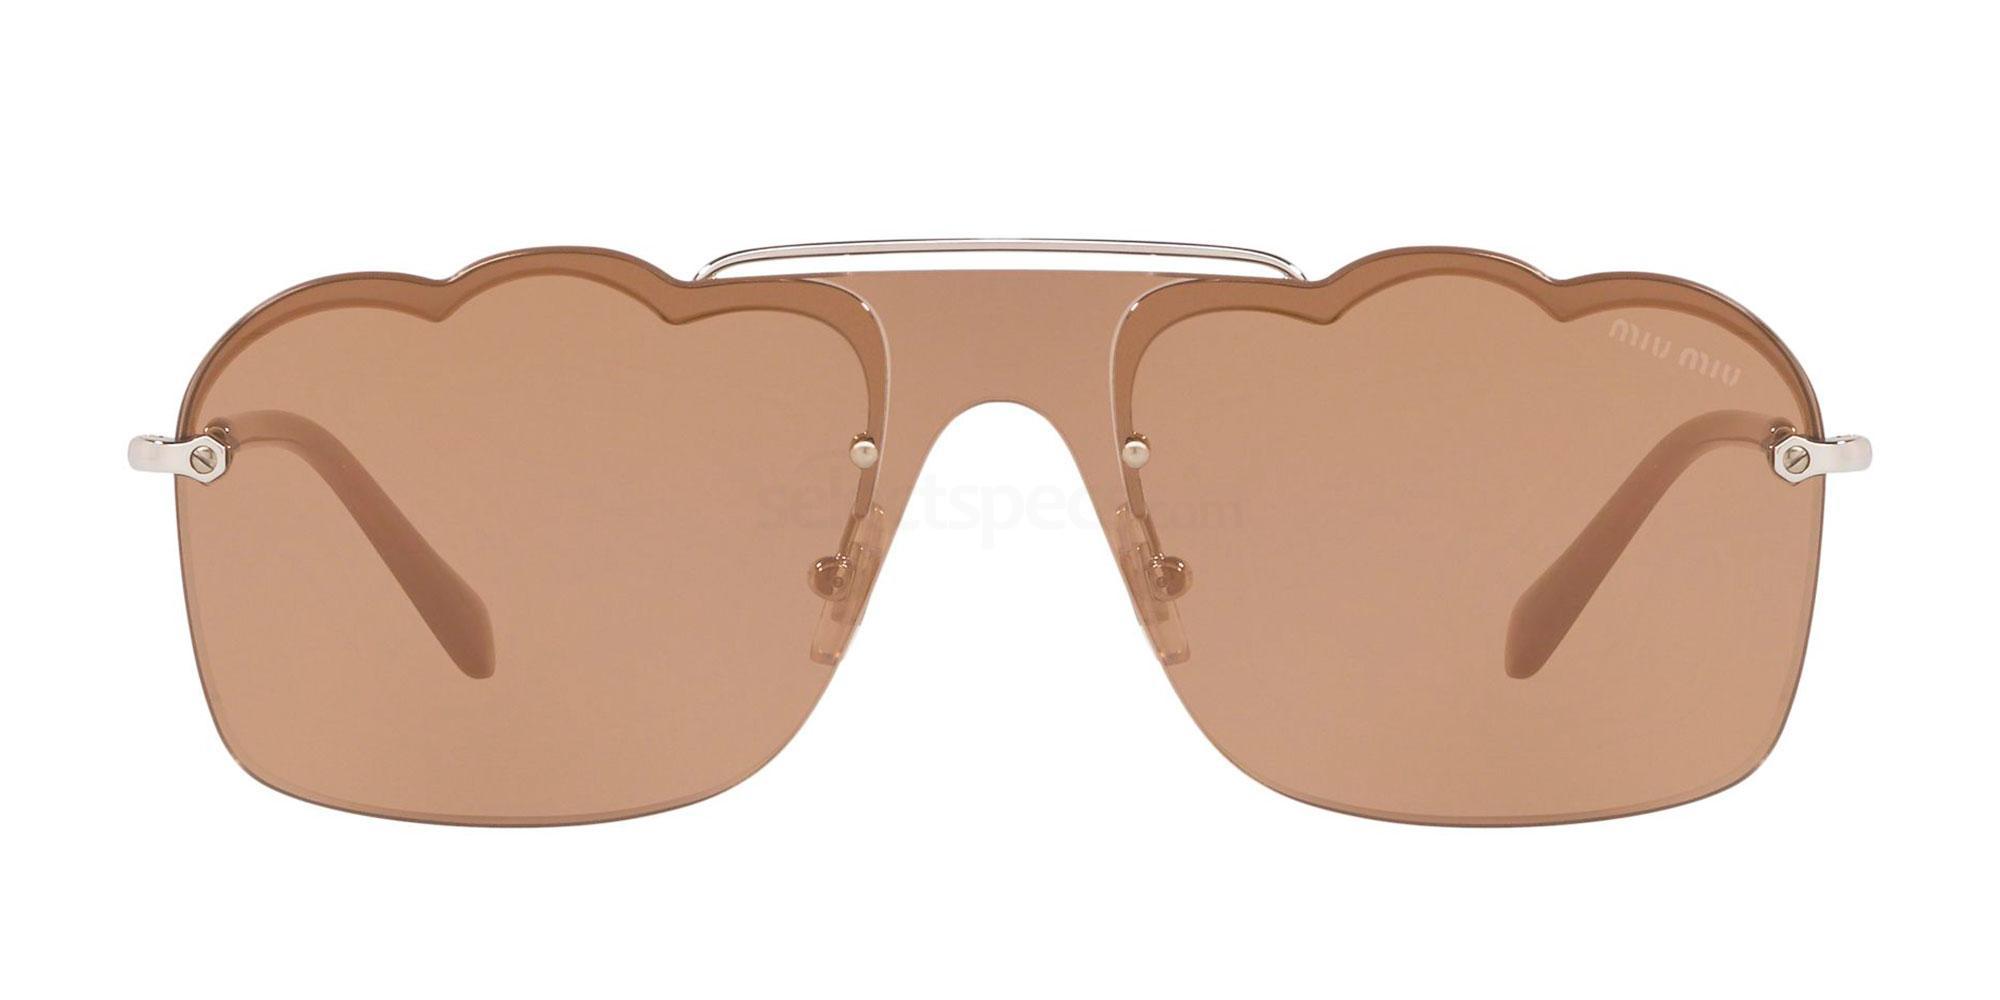 1BC176 MU 55US Sunglasses, Miu Miu